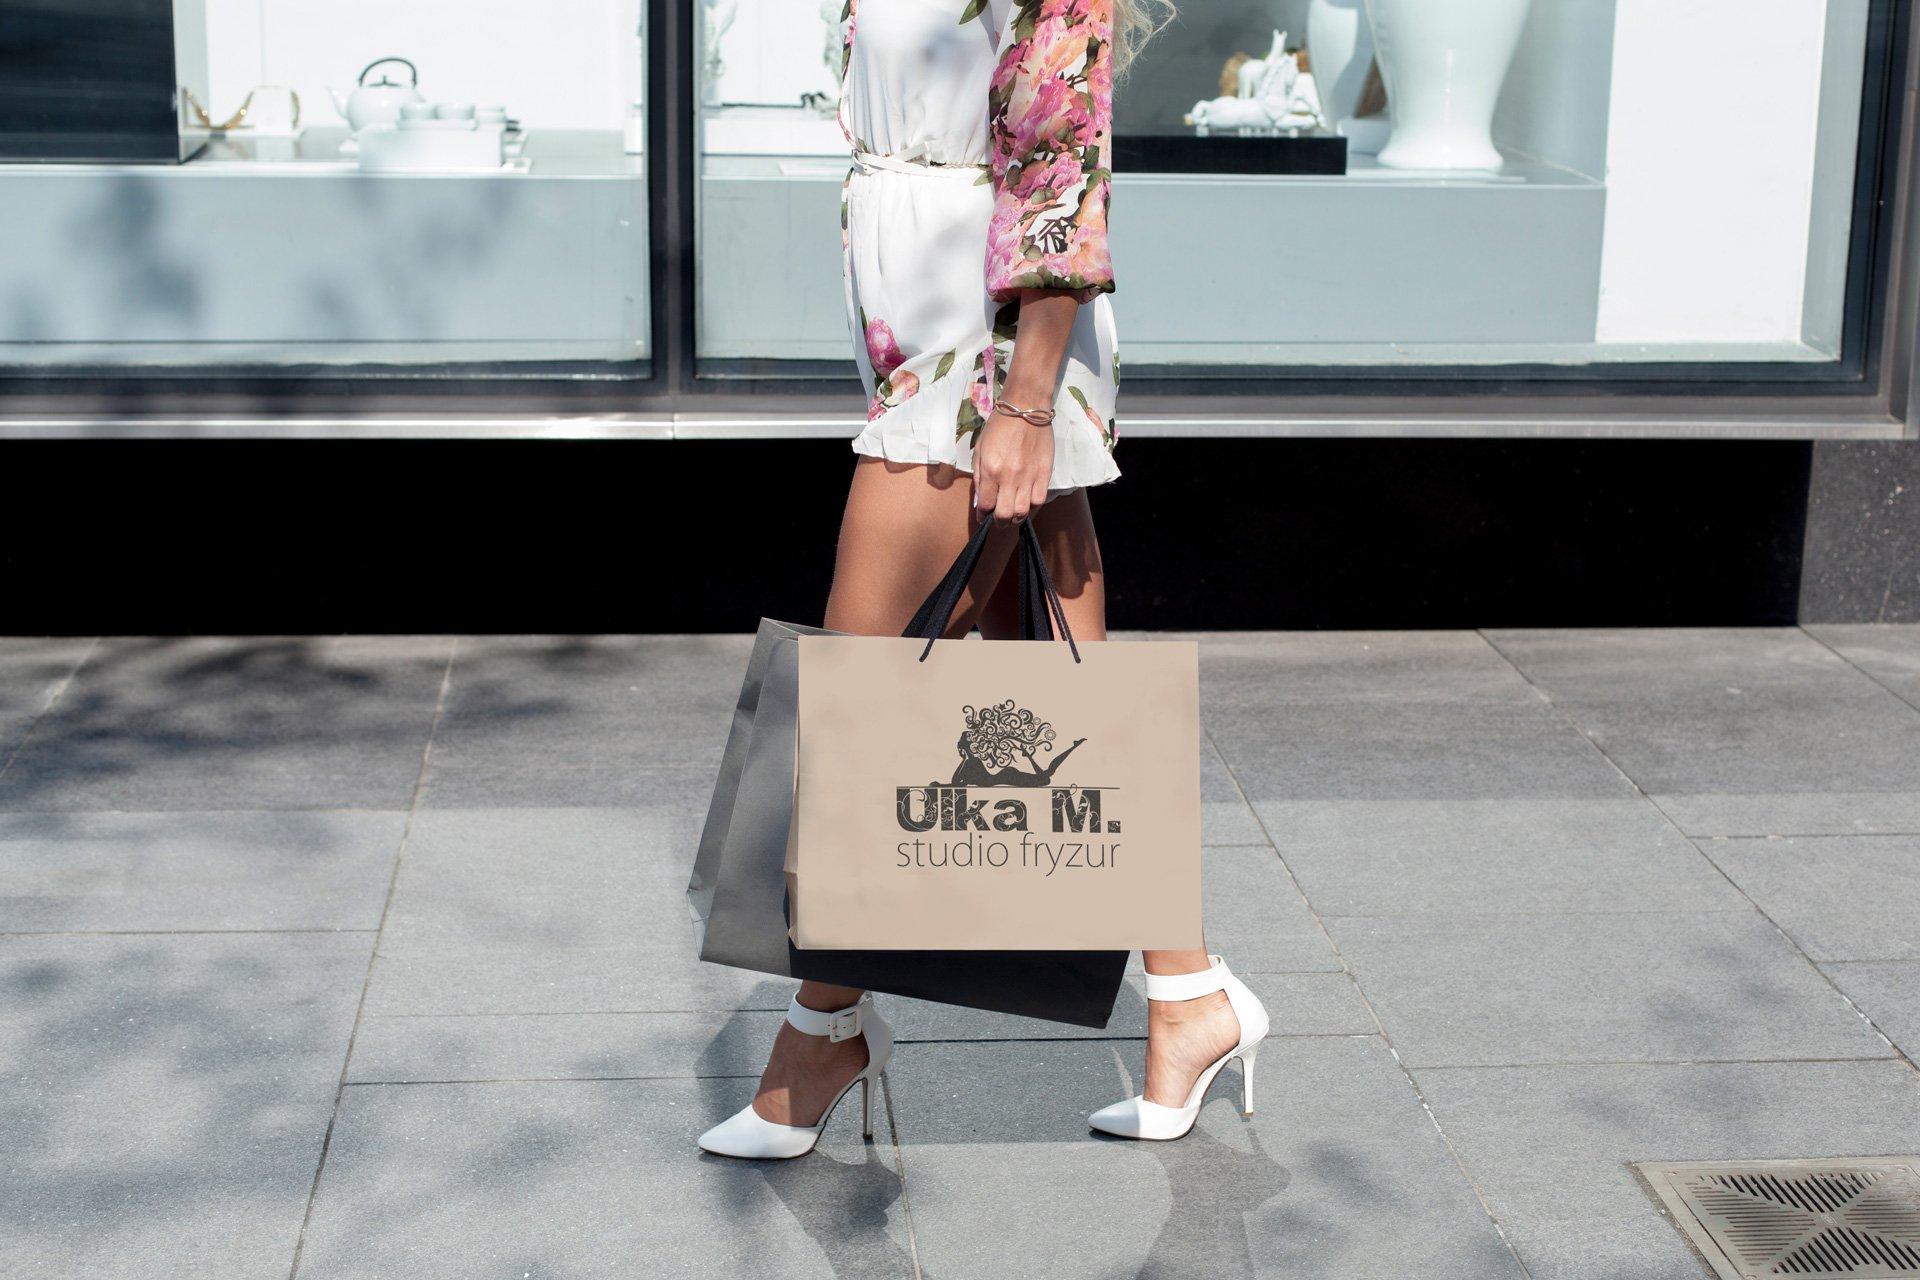 Wizualizacja projektu torby reklamowej Salonu UlkaM (by BBIG.PL)